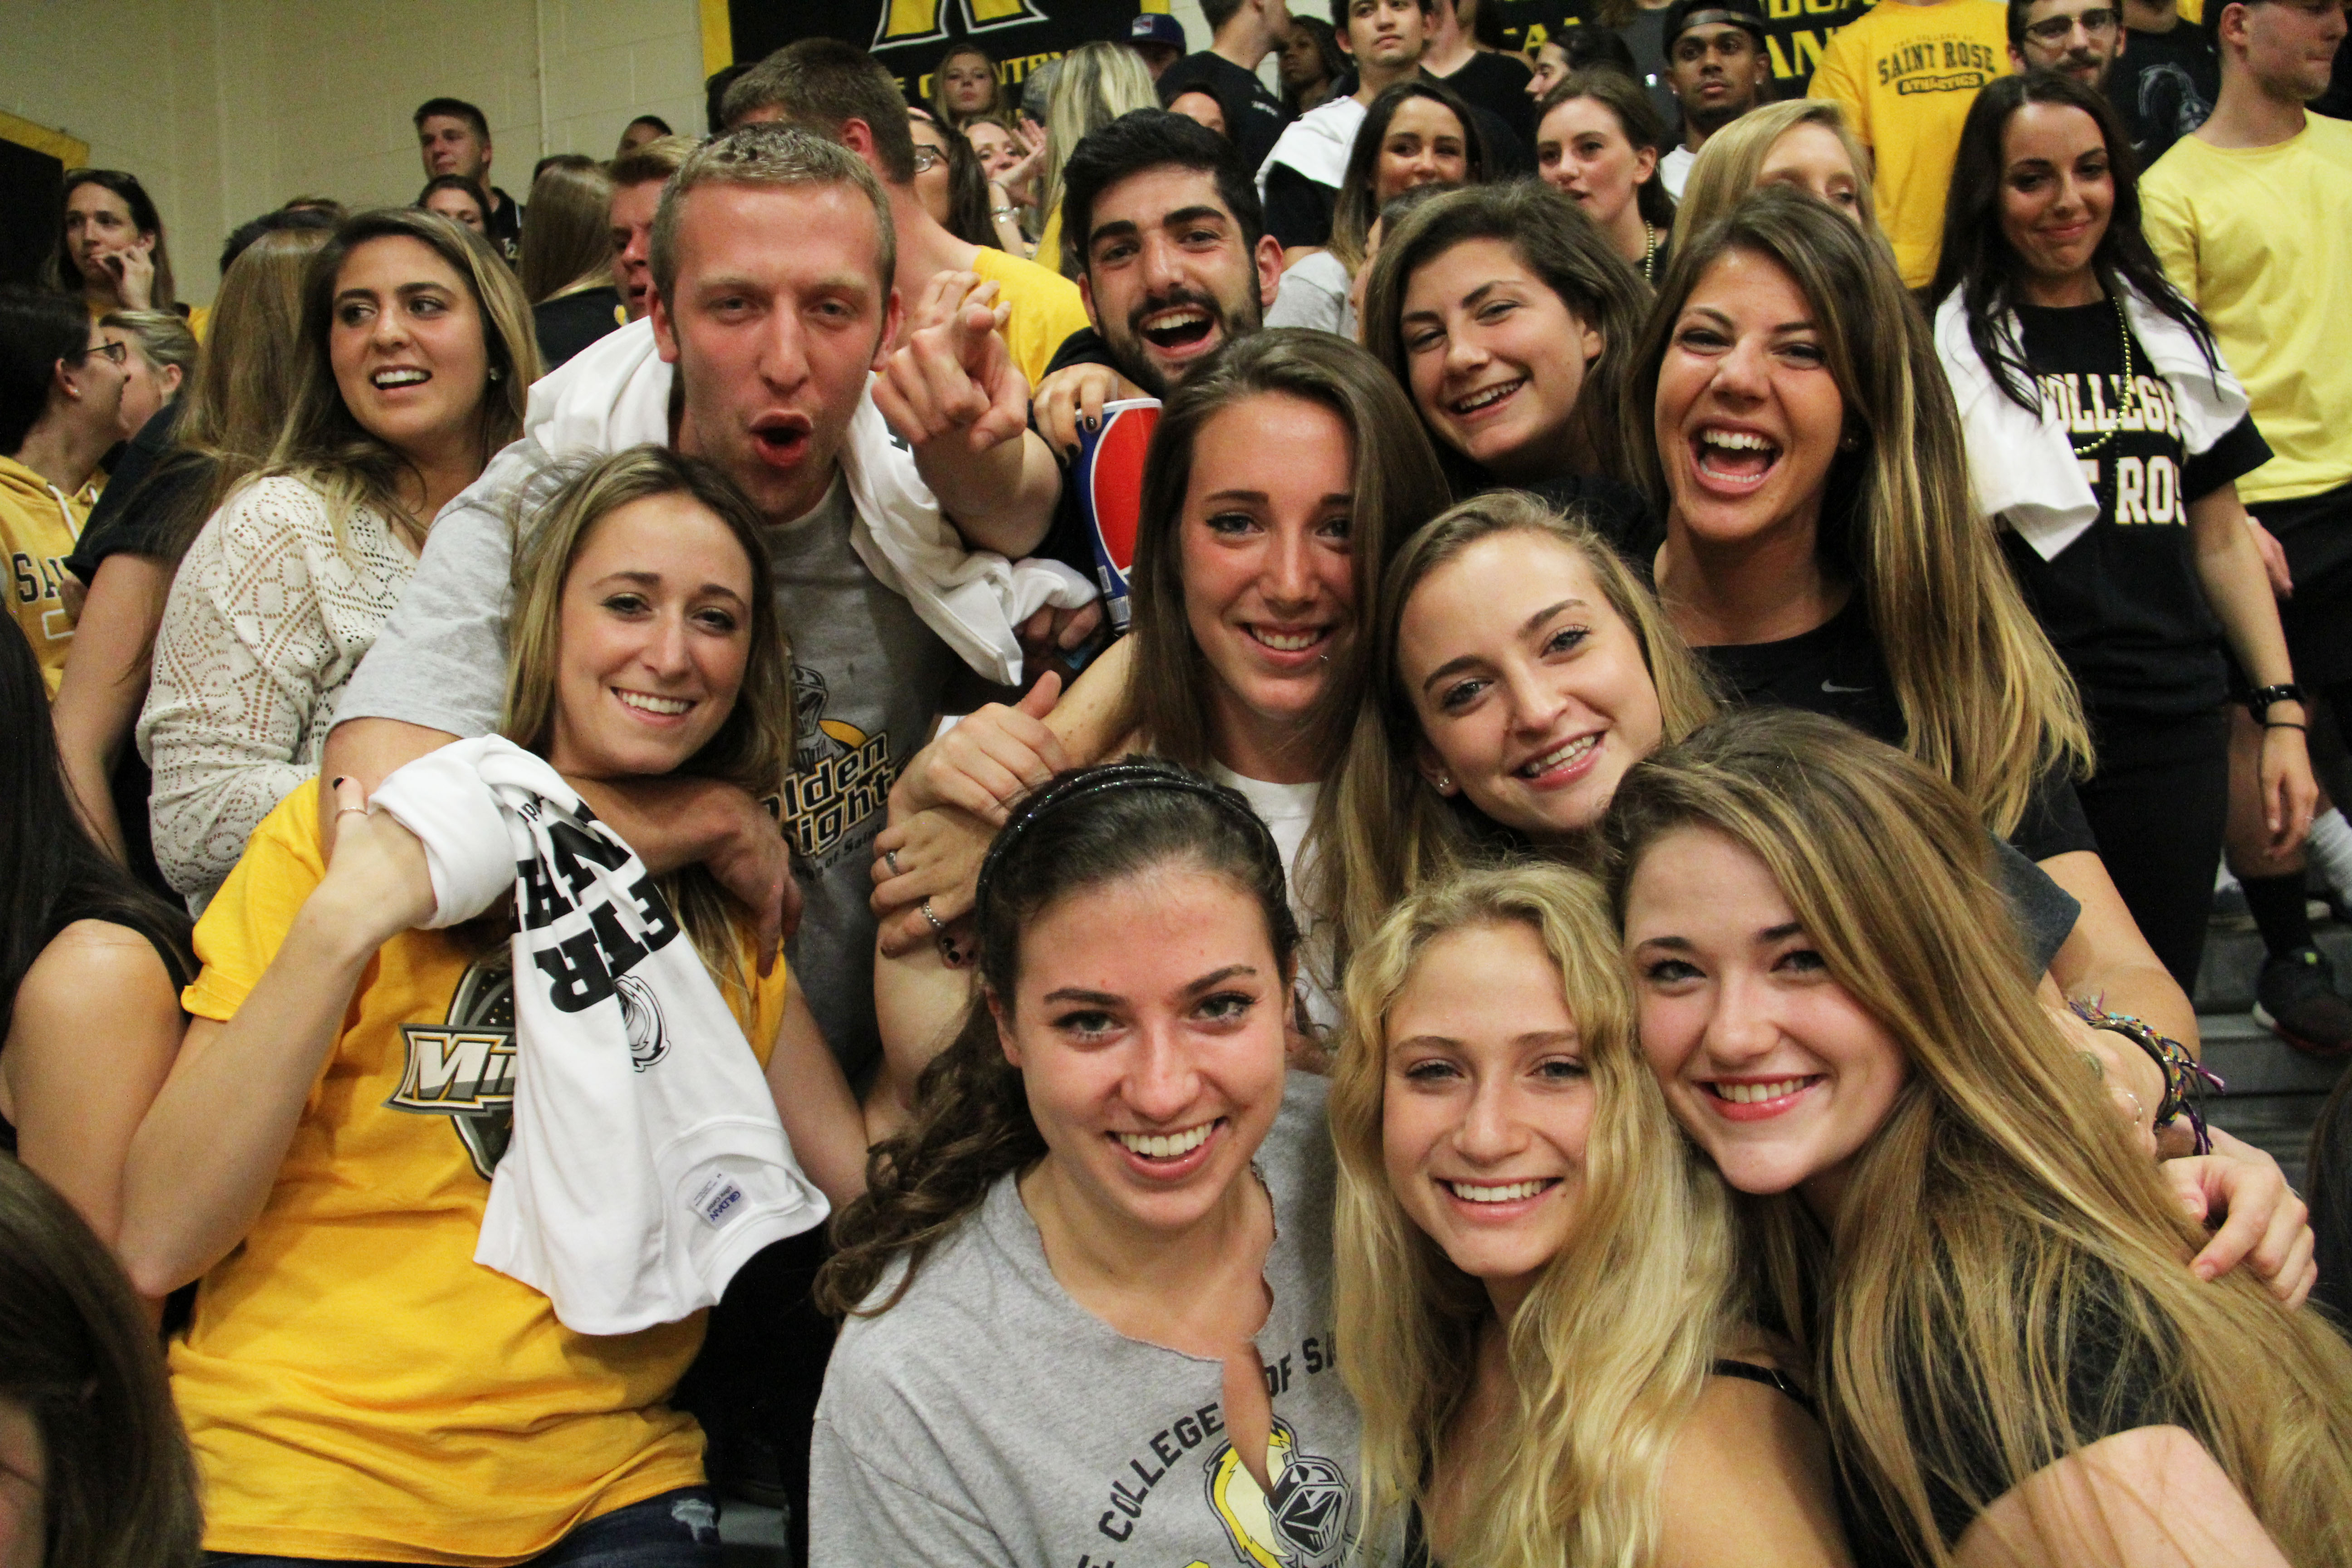 Student fans